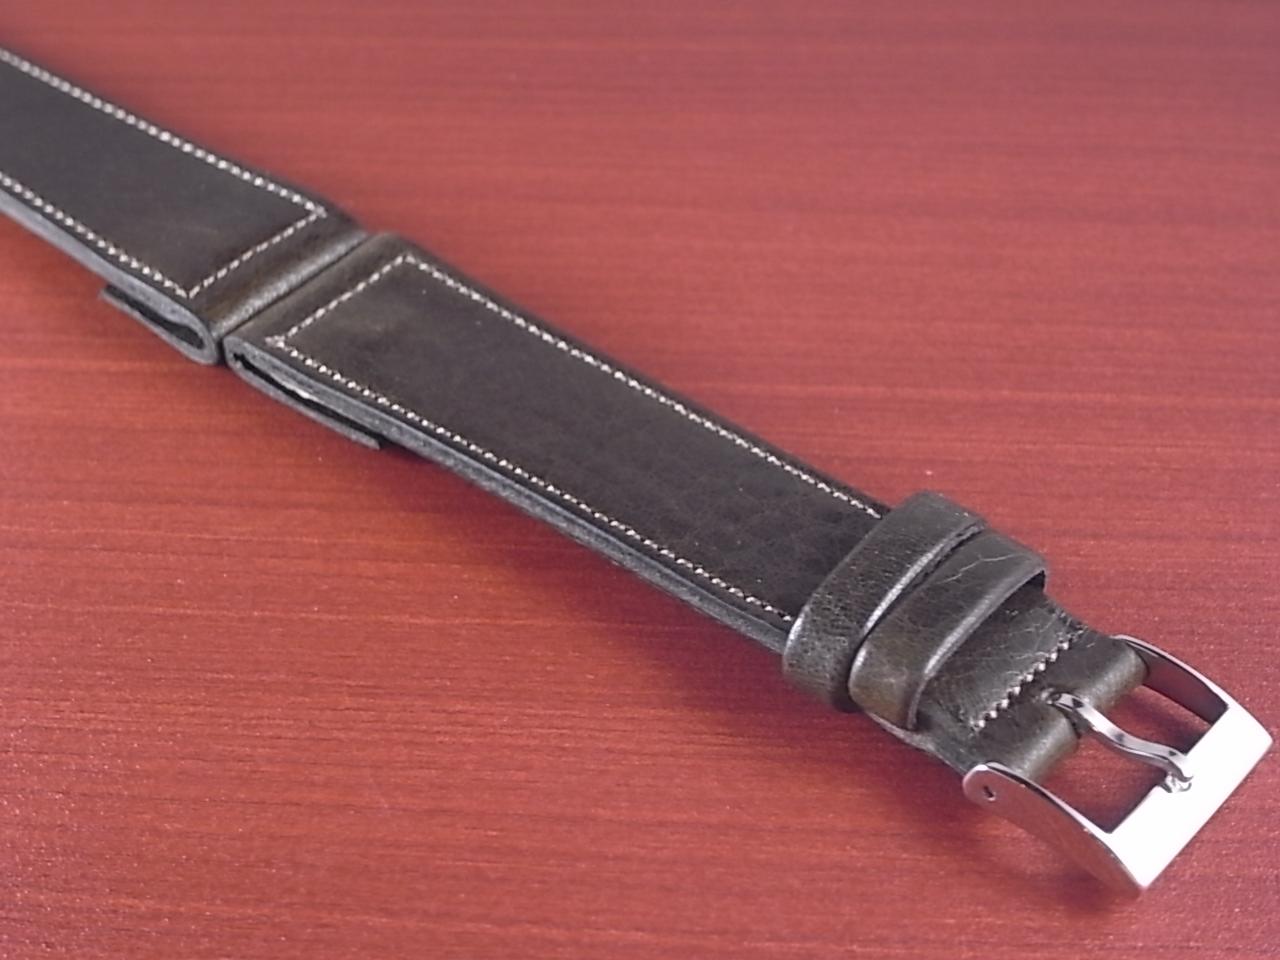 艶ありヌメ牛ステア オープンエンド 革ベルト オリーブ 16、18、20mm CC-032bの写真6枚目